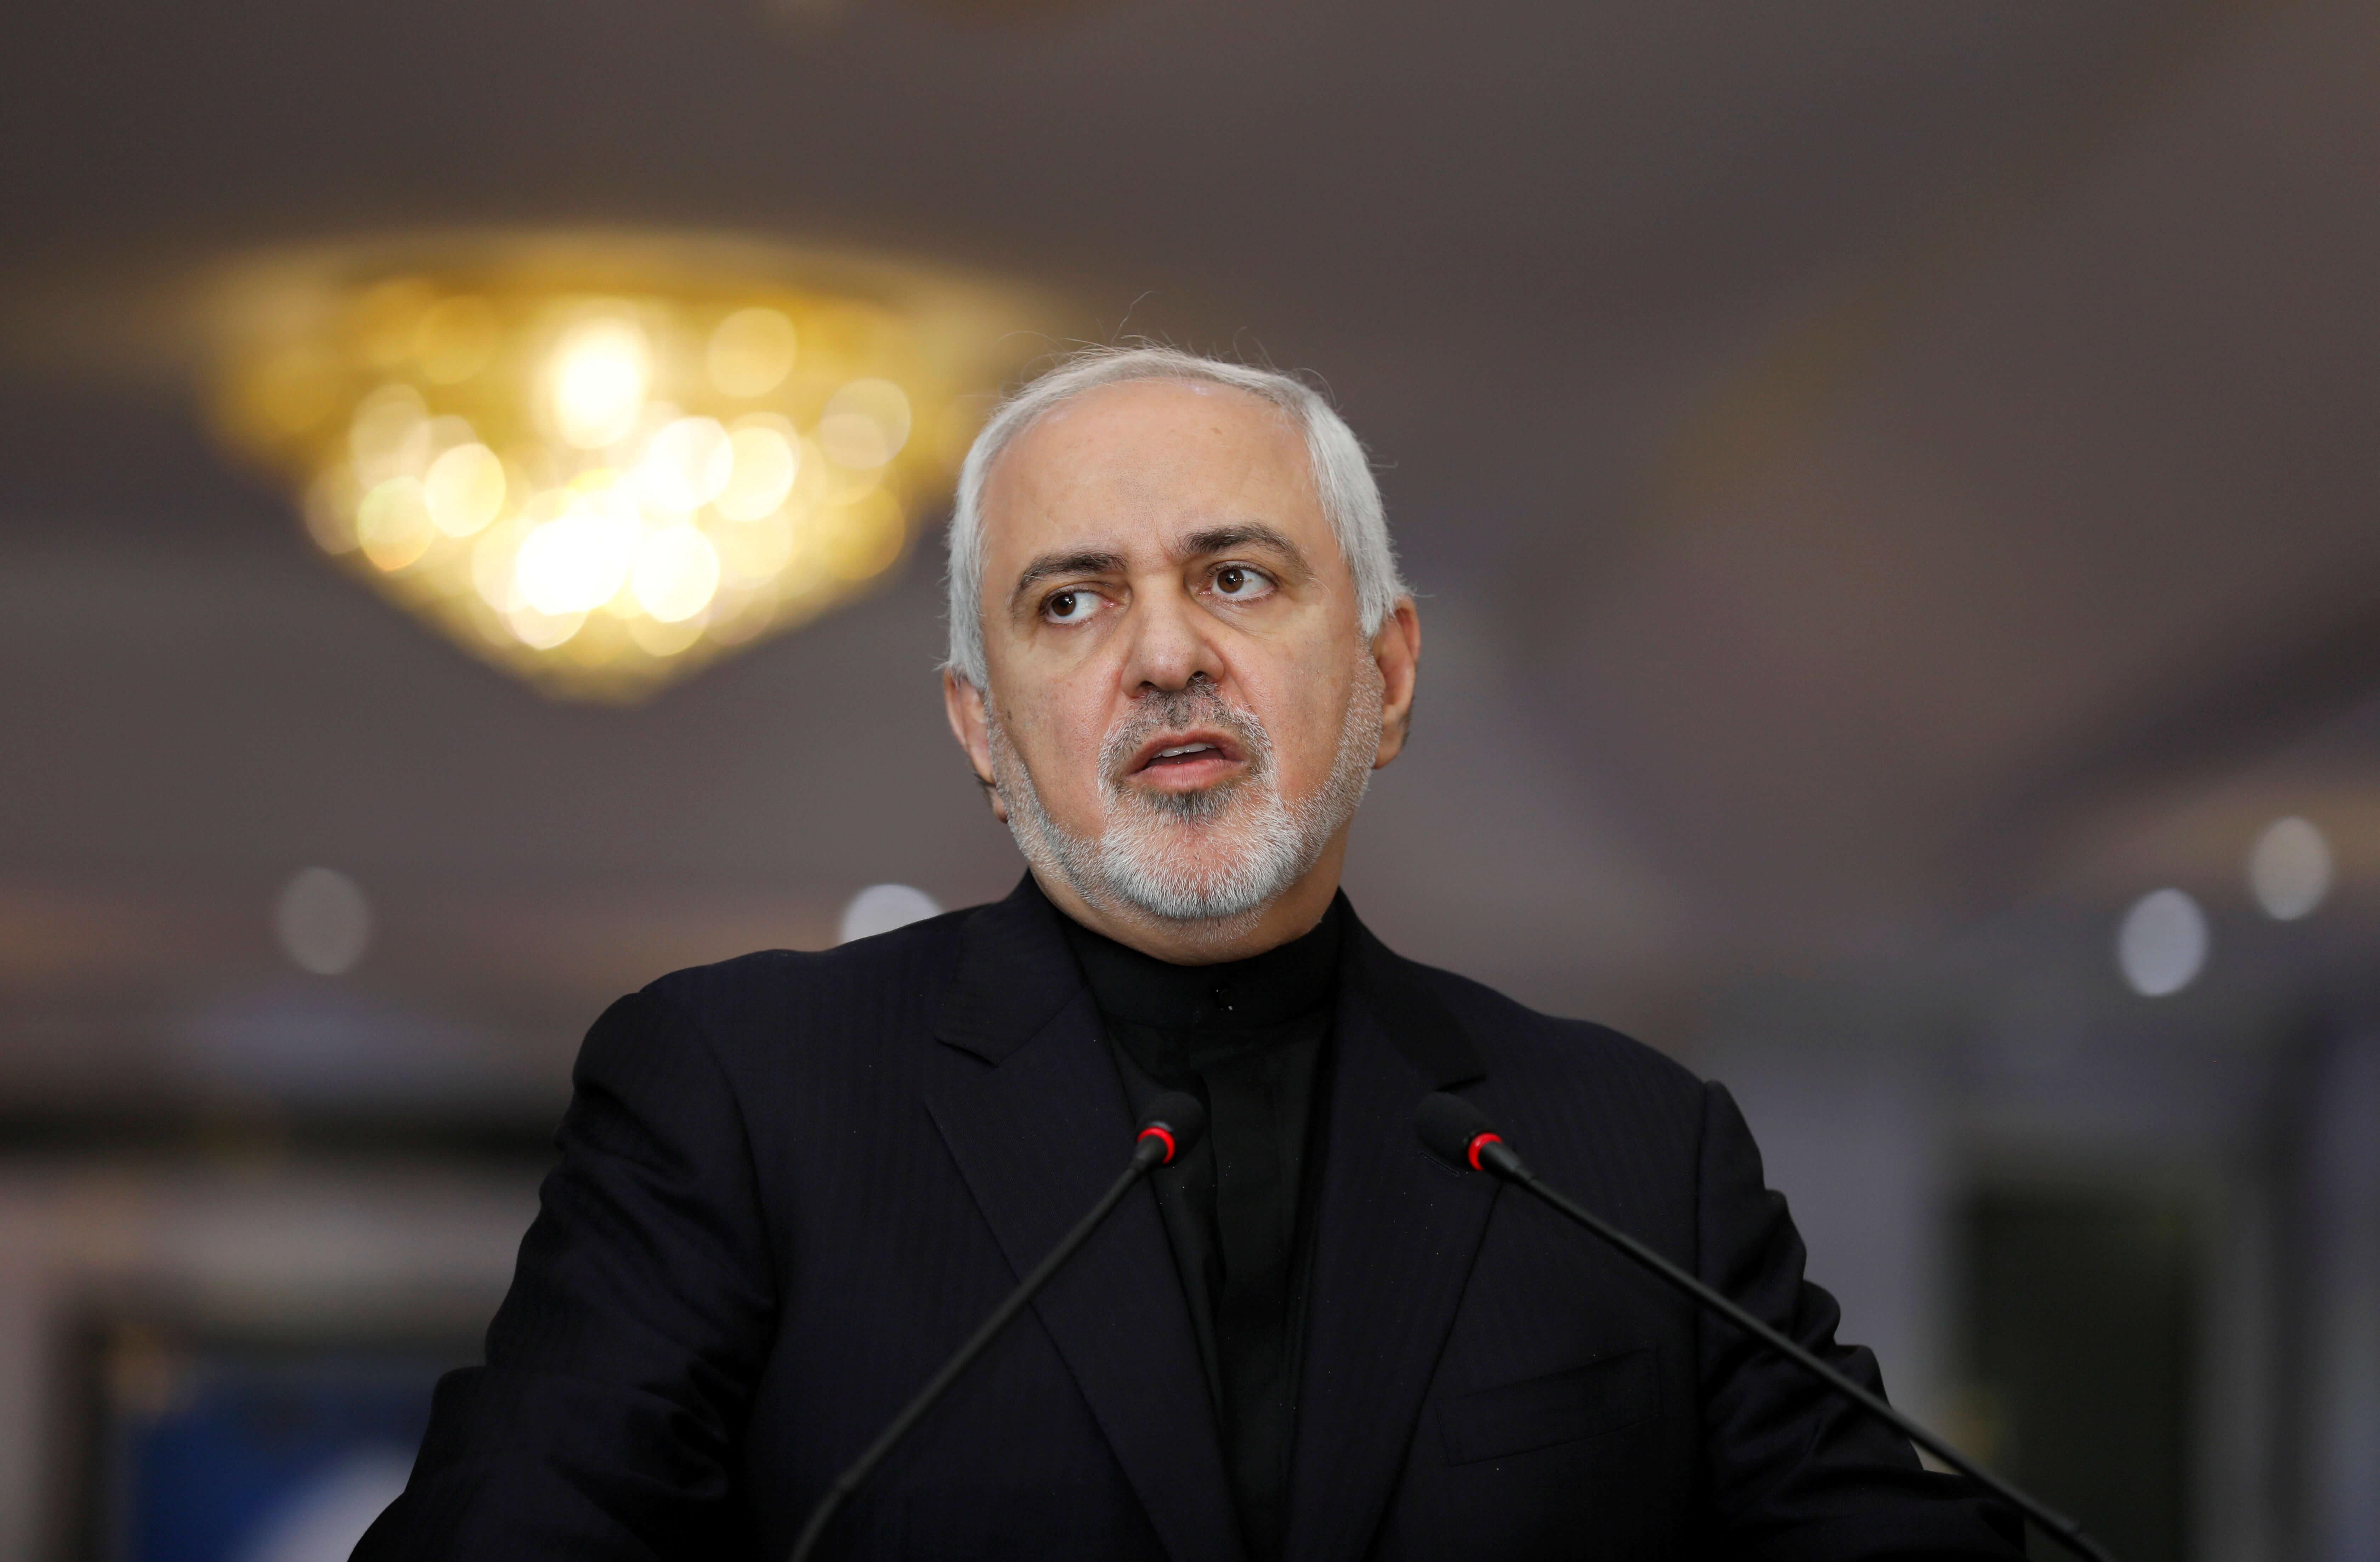 Ιράν - ουράνιο